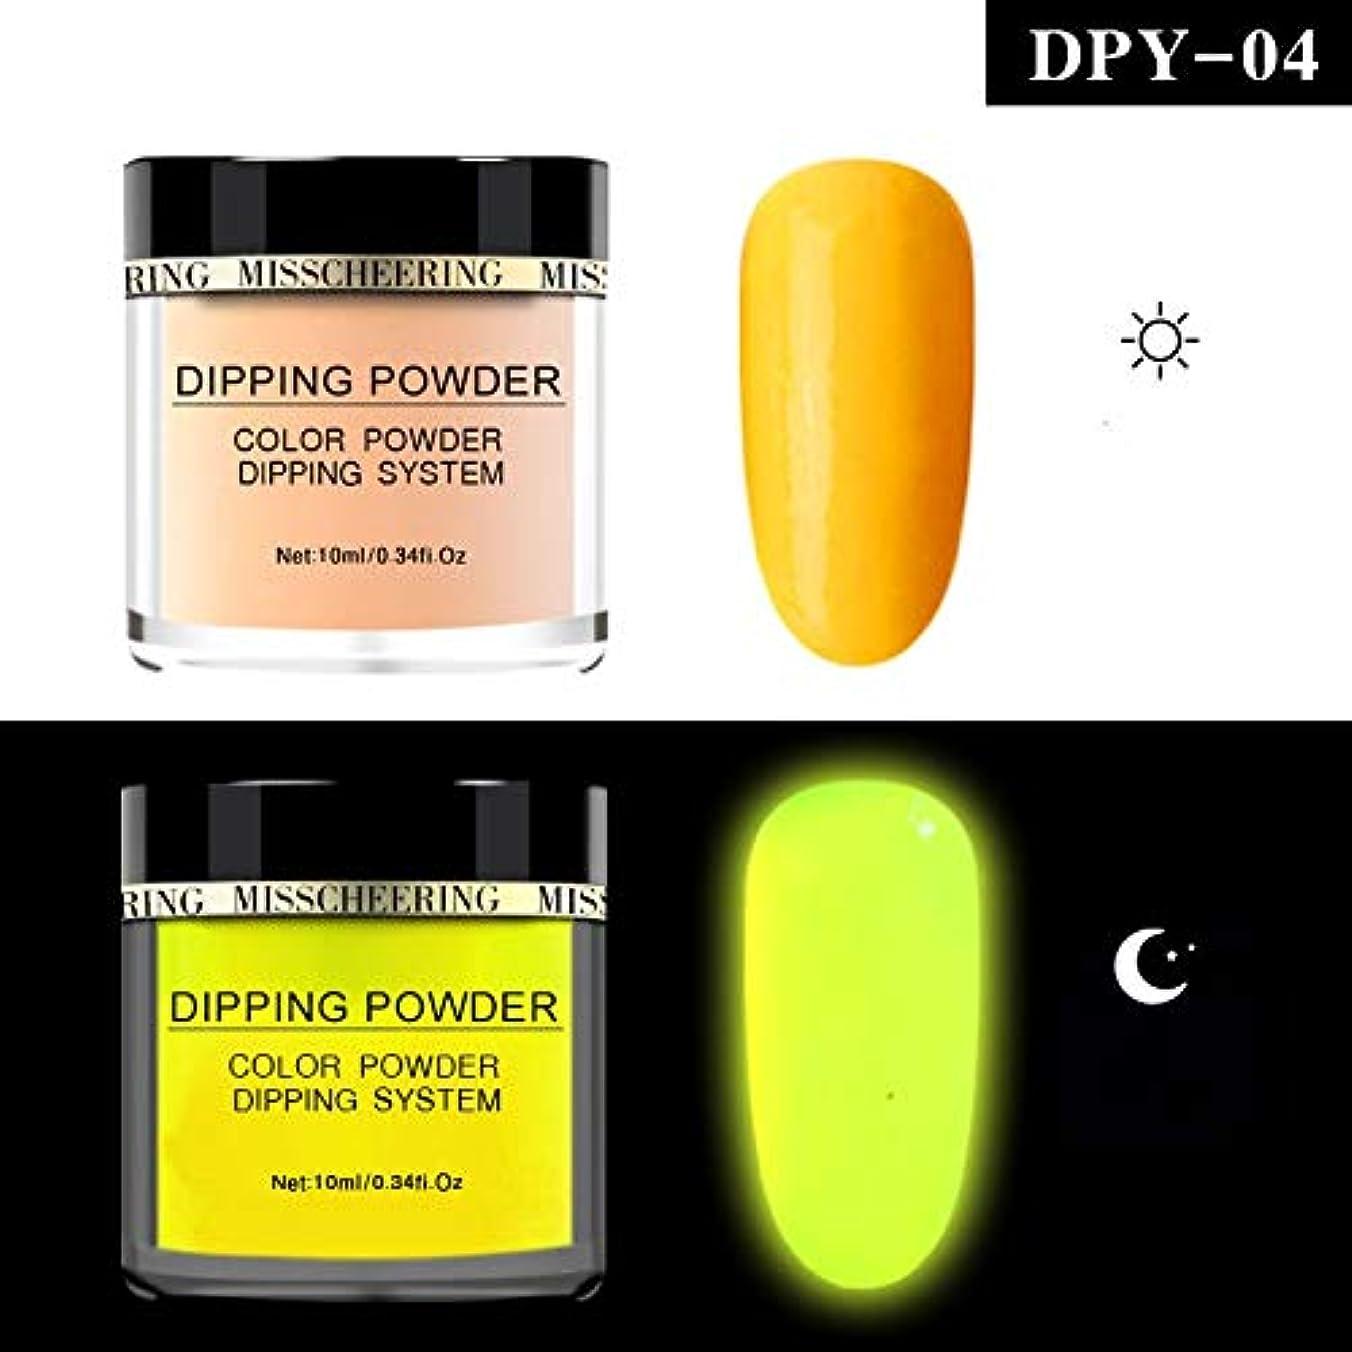 ヒュームアボート精度10ml Luminous Nail Powder Fluorescent Art Pigment Dipping Glitter Decoration Natural Dry NO Lamp Cure Long Last